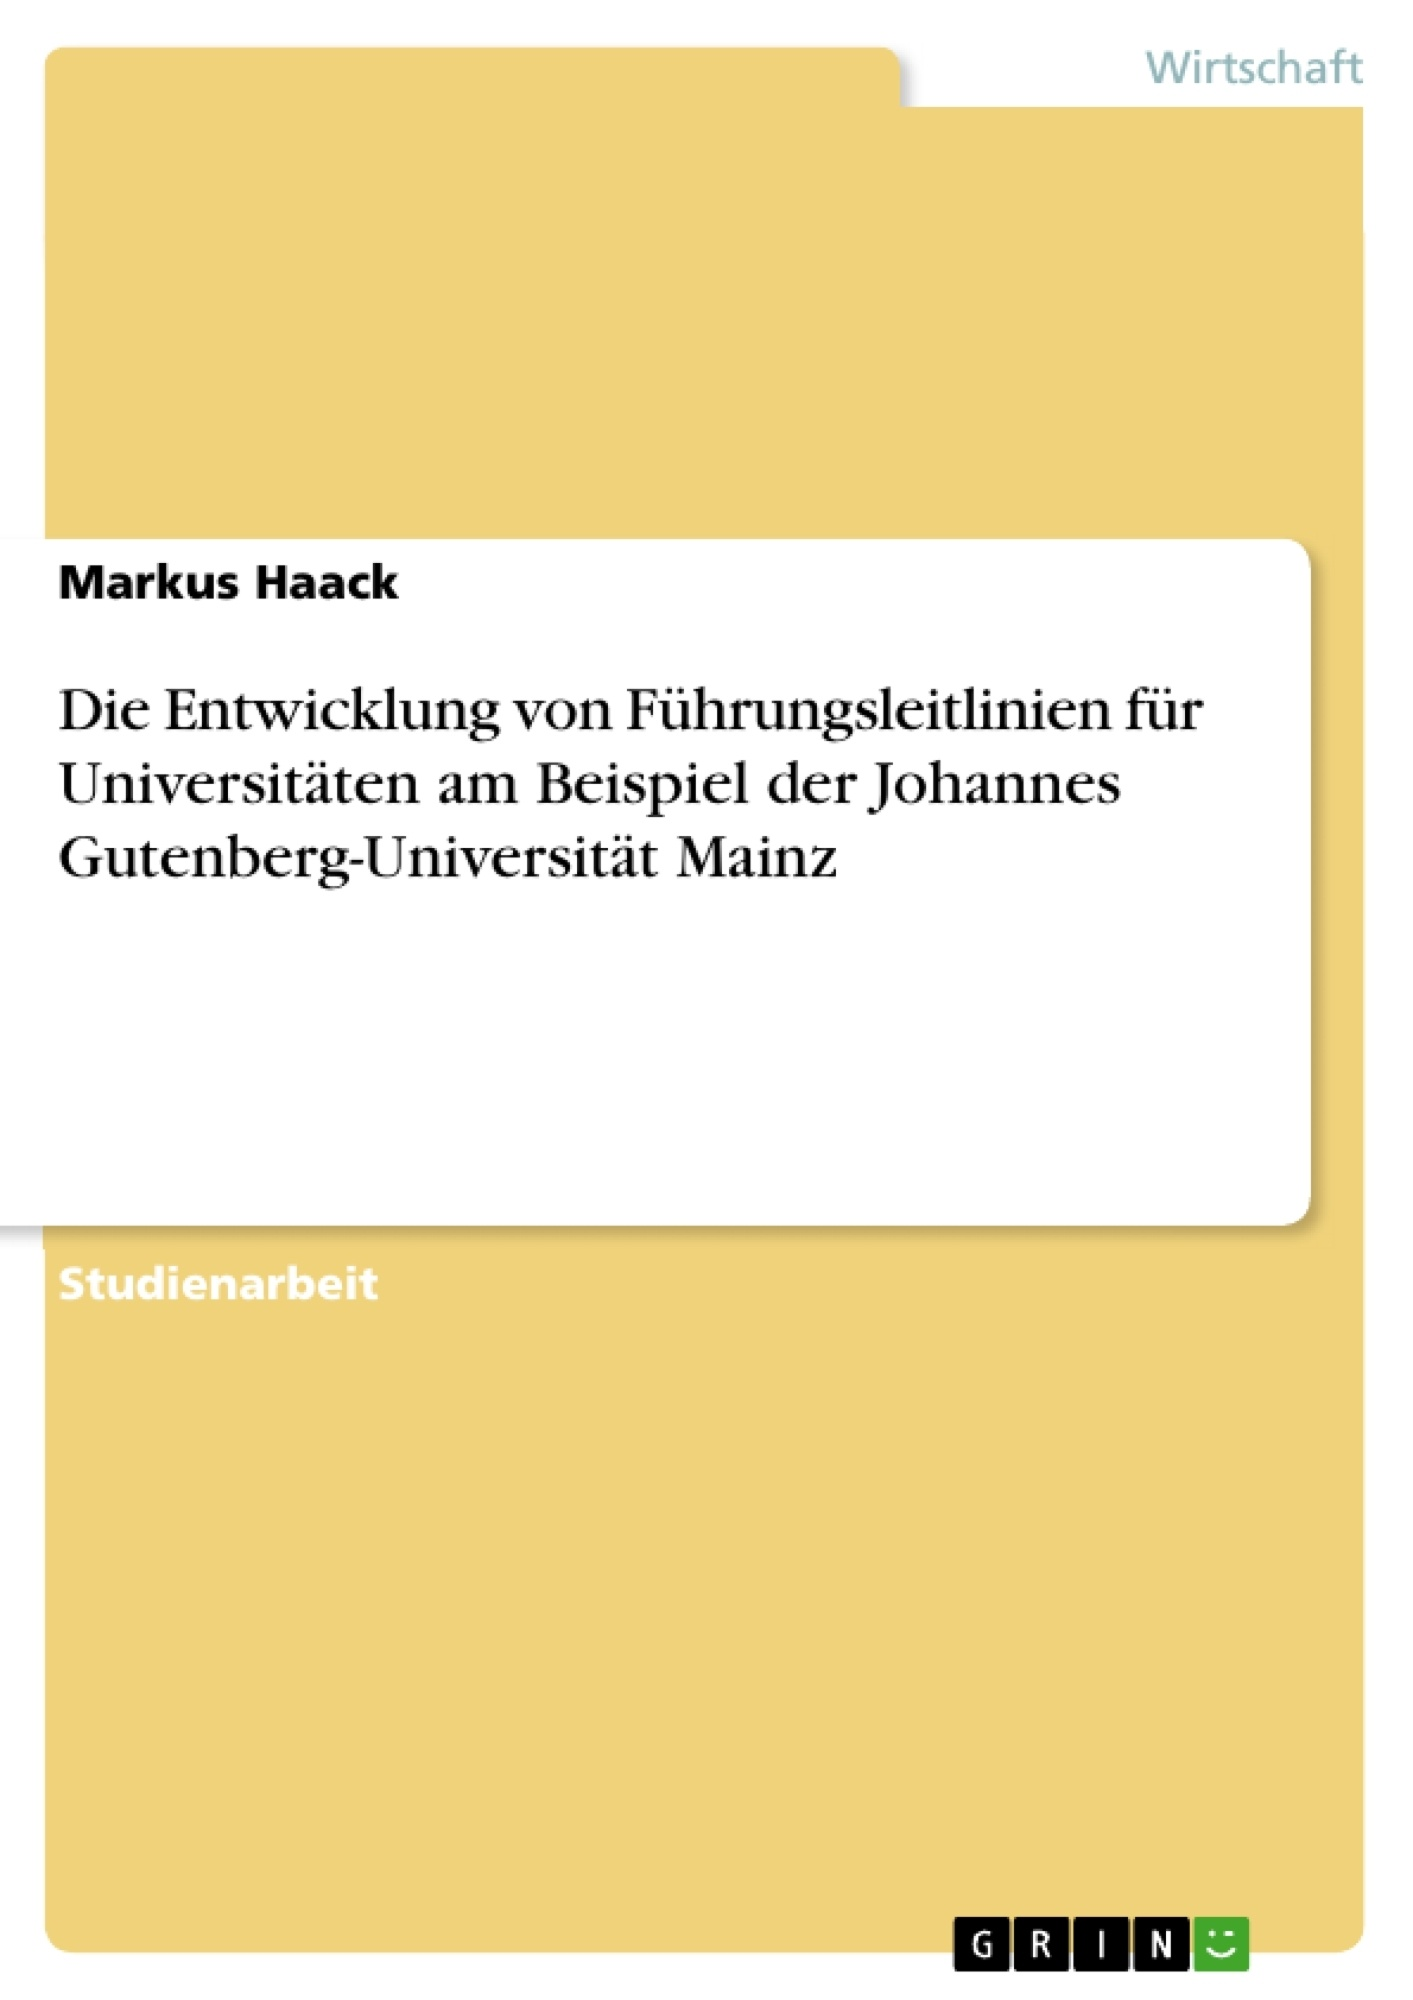 Titel: Die Entwicklung von Führungsleitlinien für Universitäten am Beispiel der Johannes Gutenberg-Universität Mainz